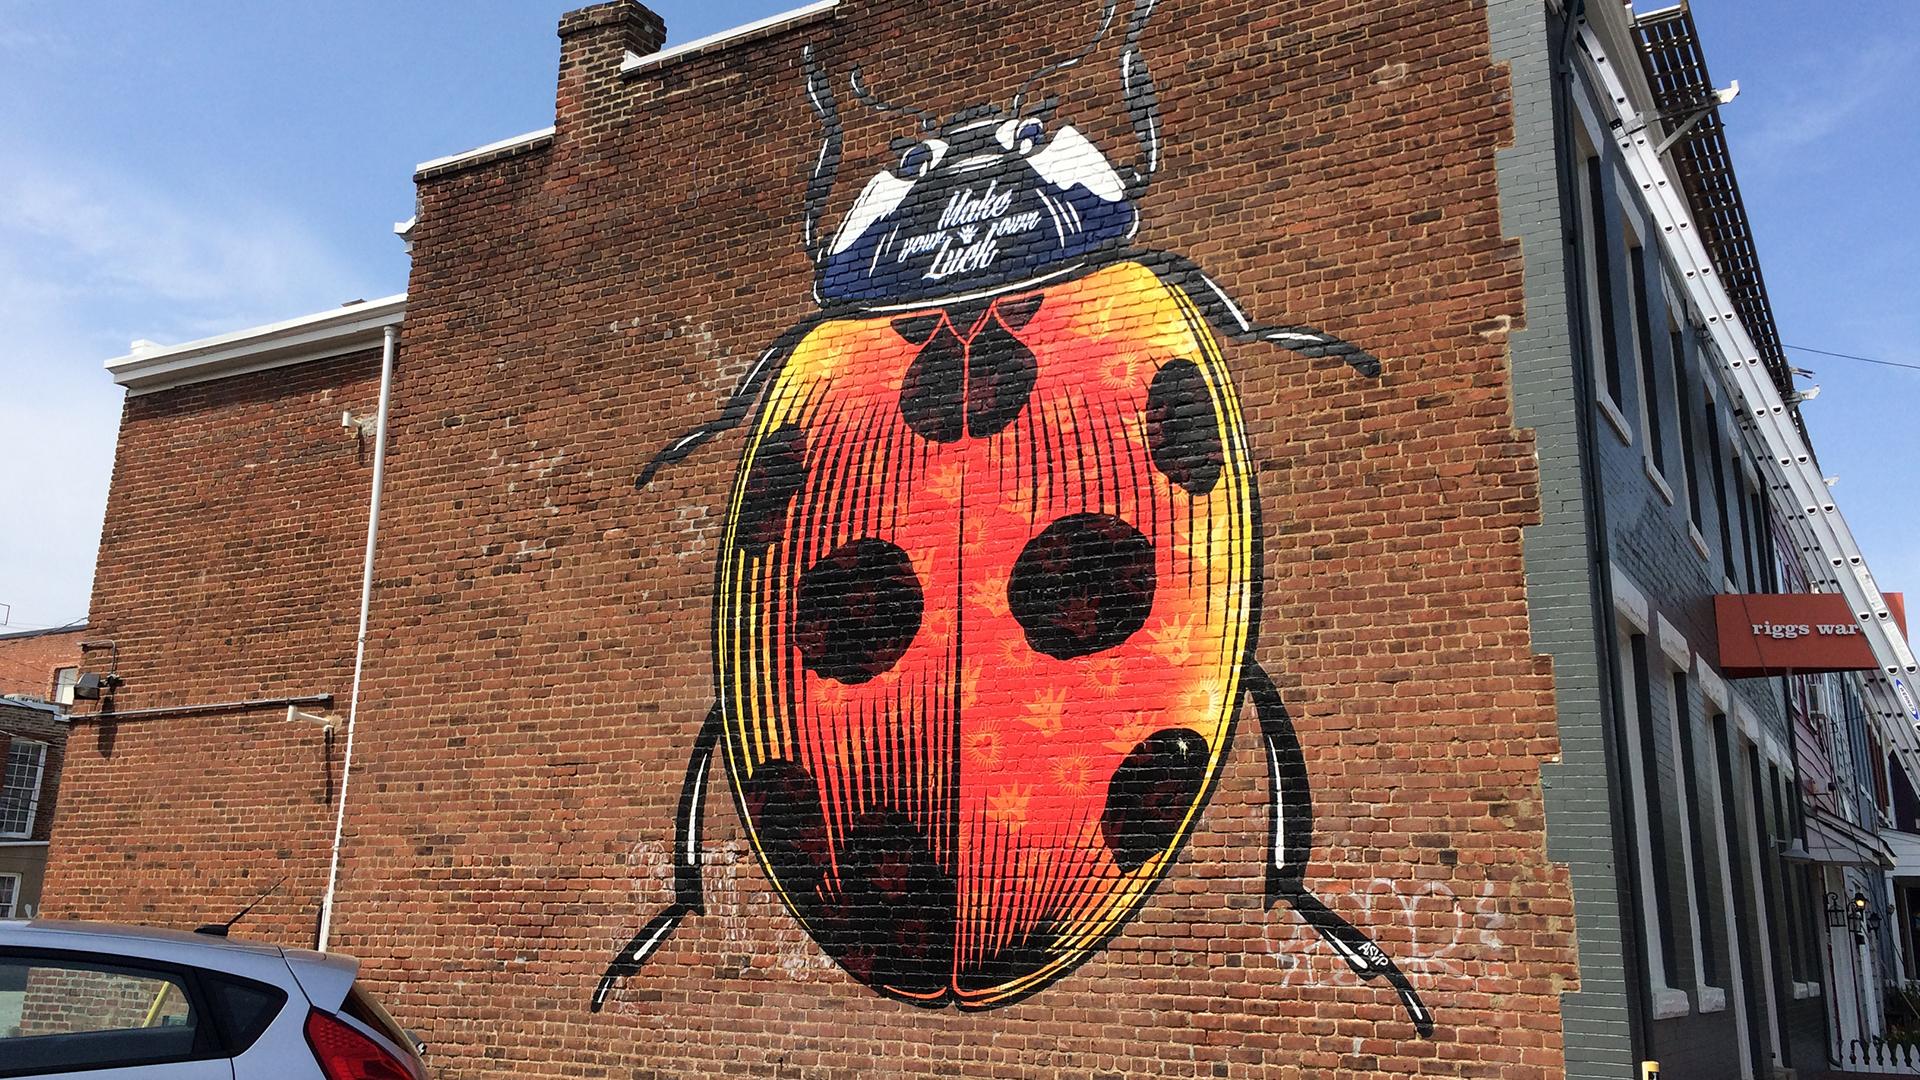 Street Art Ladybug